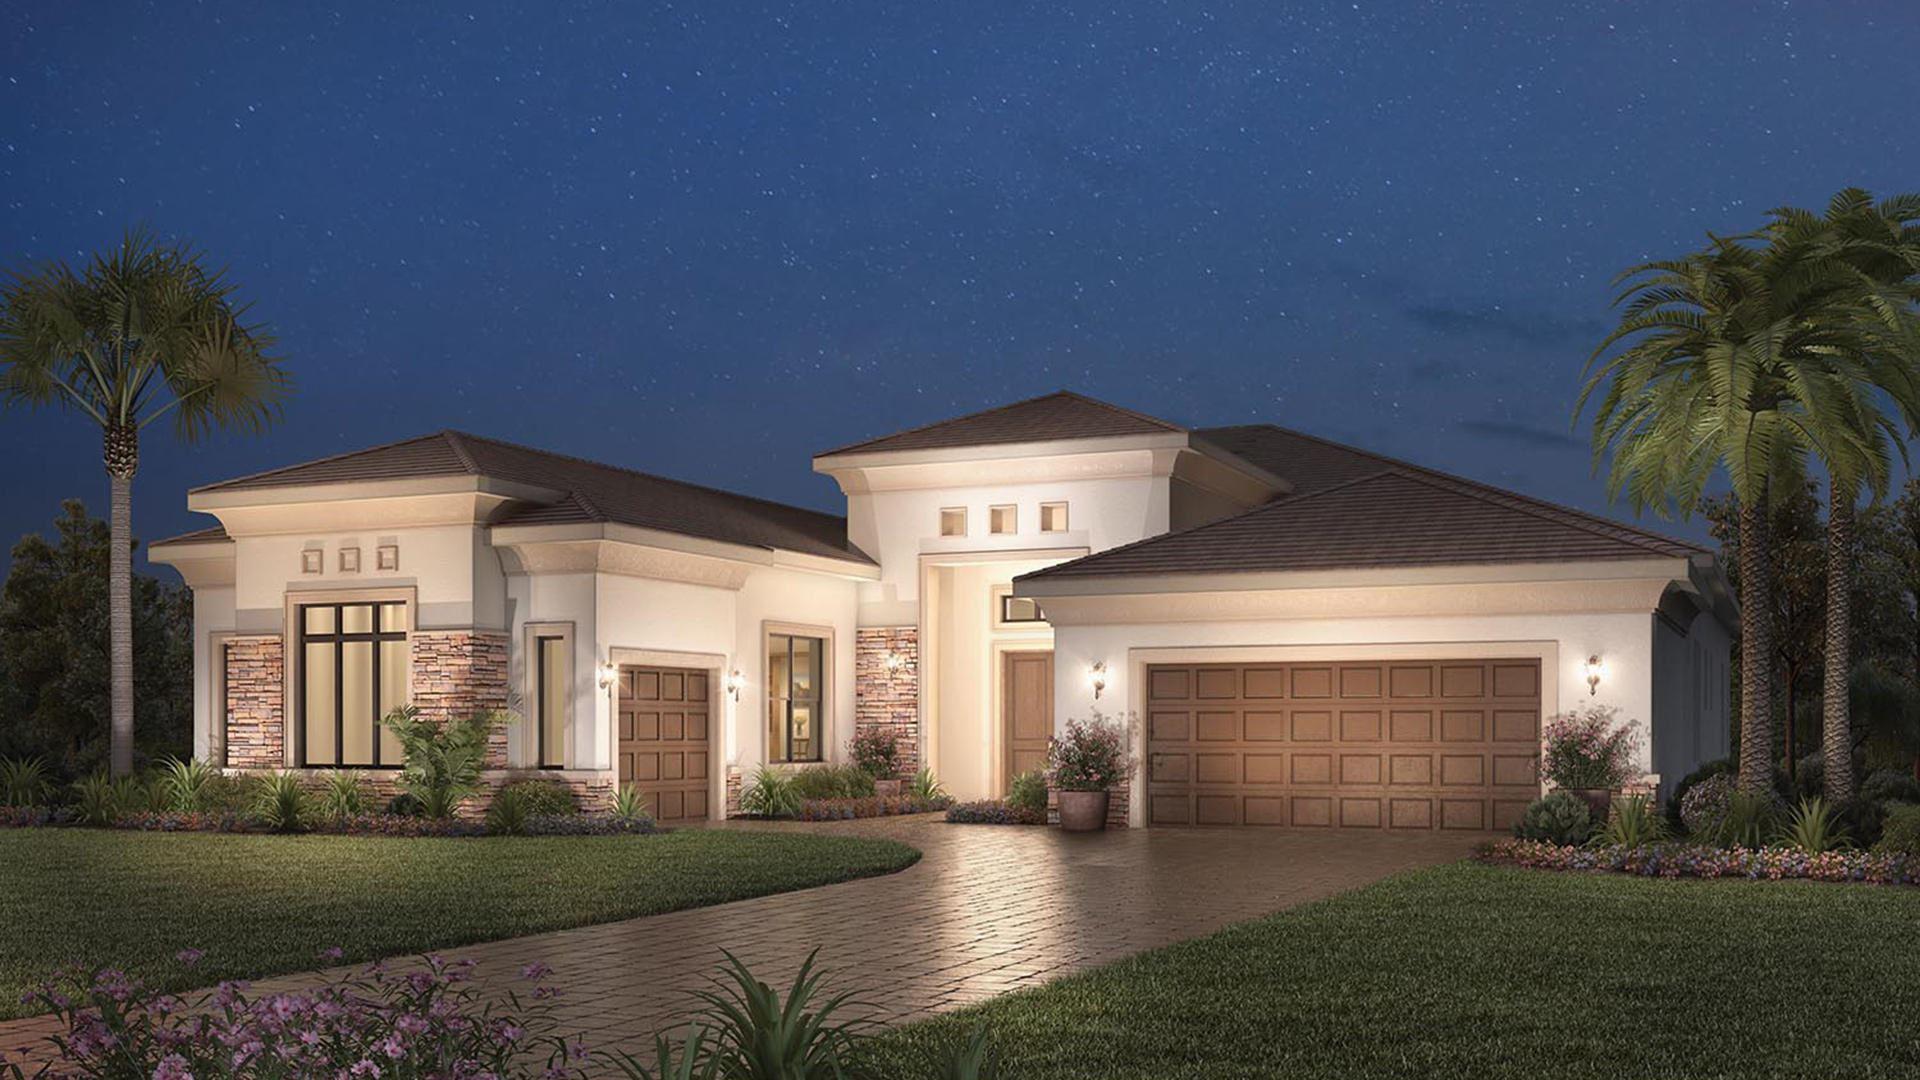 6950 NW 28th Avenue, Boca Raton, FL 33496 - #: RX-10647263